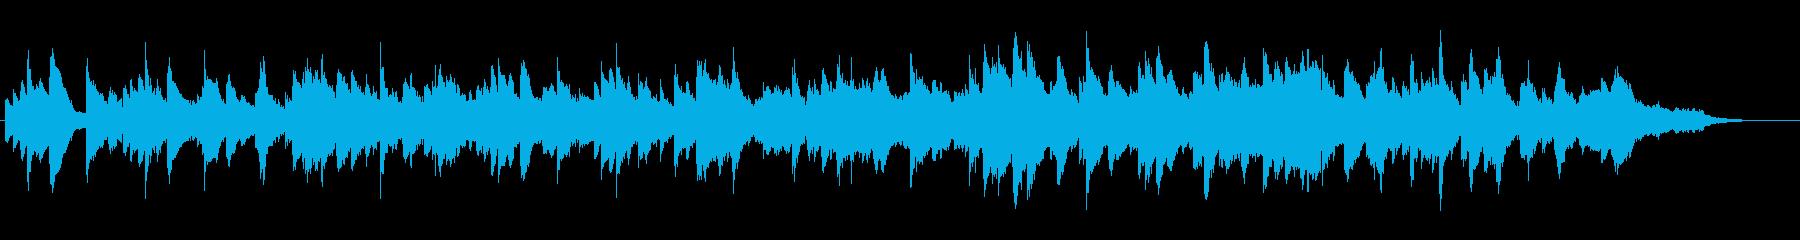 ピアノのメロディーの爽やかなBGMの再生済みの波形